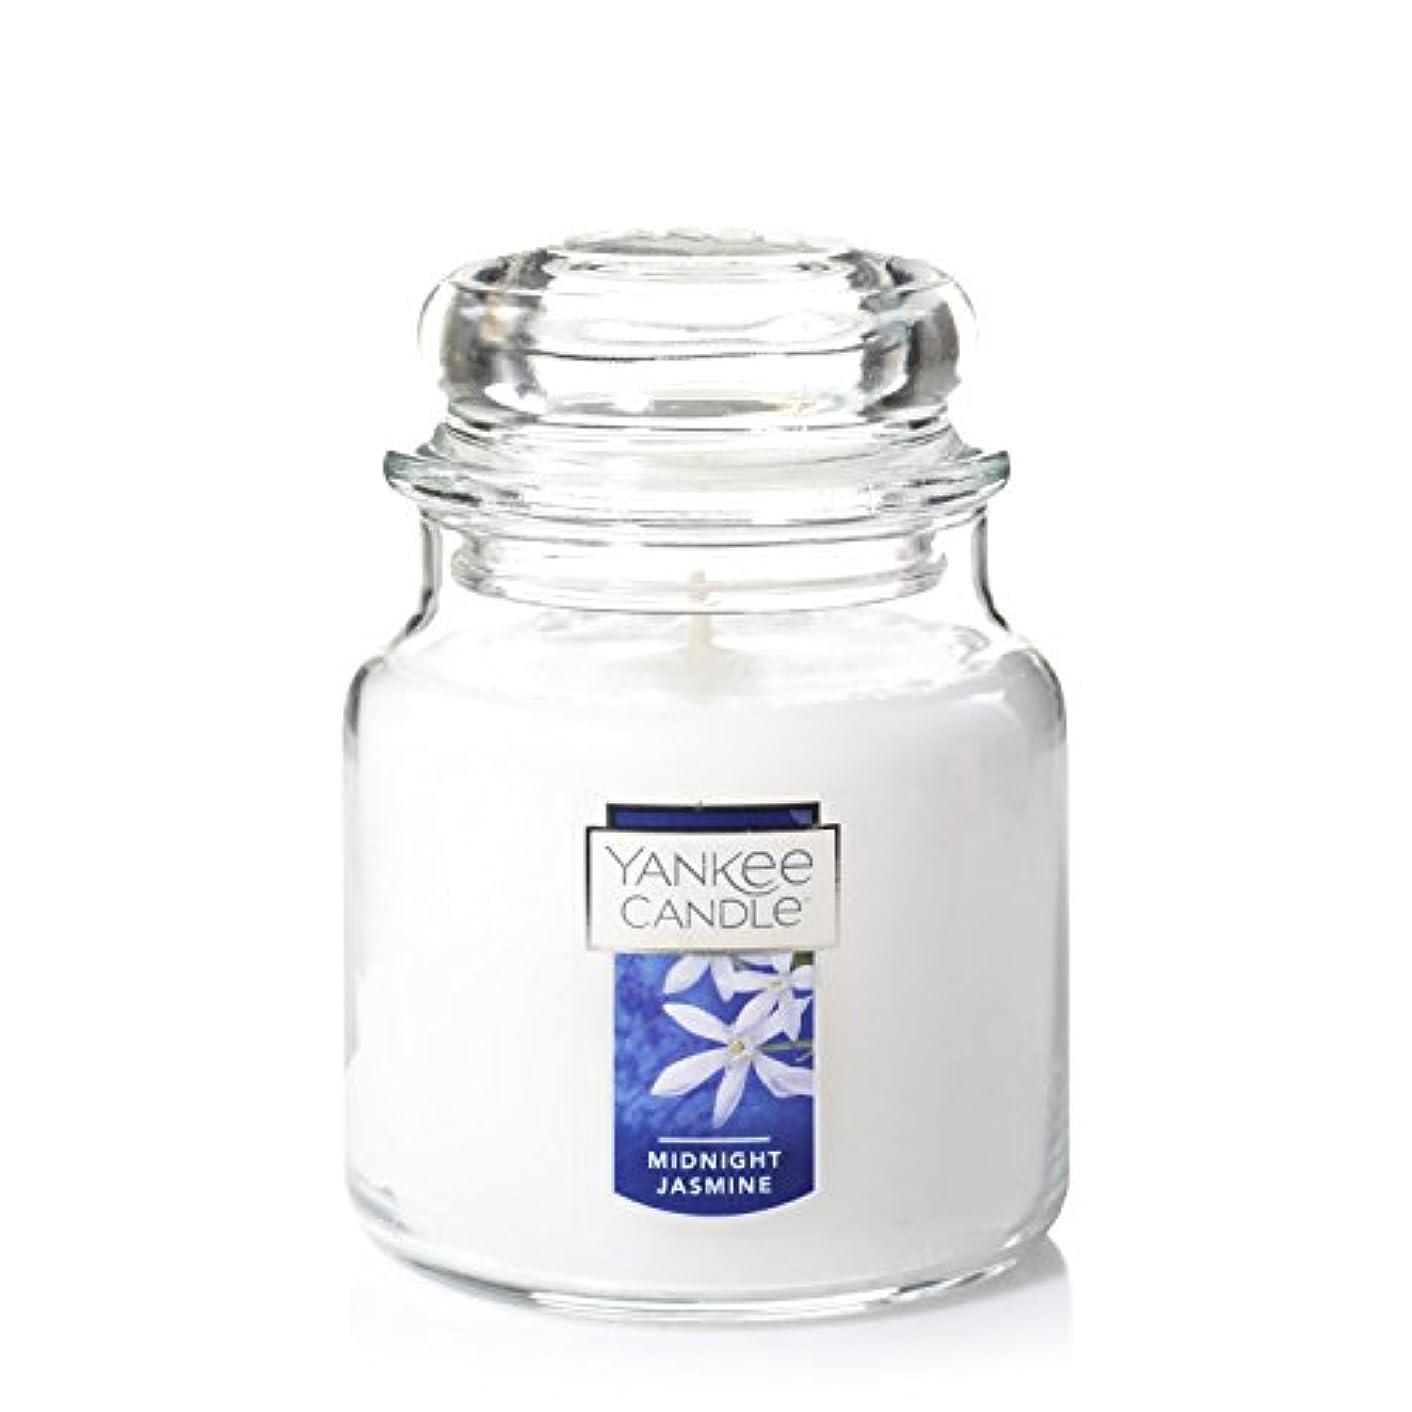 成熟した素晴らしさ瞬時にYankee Candle Jar Candle、ミッドナイトジャスミン Medium Jar Candle 1129551z